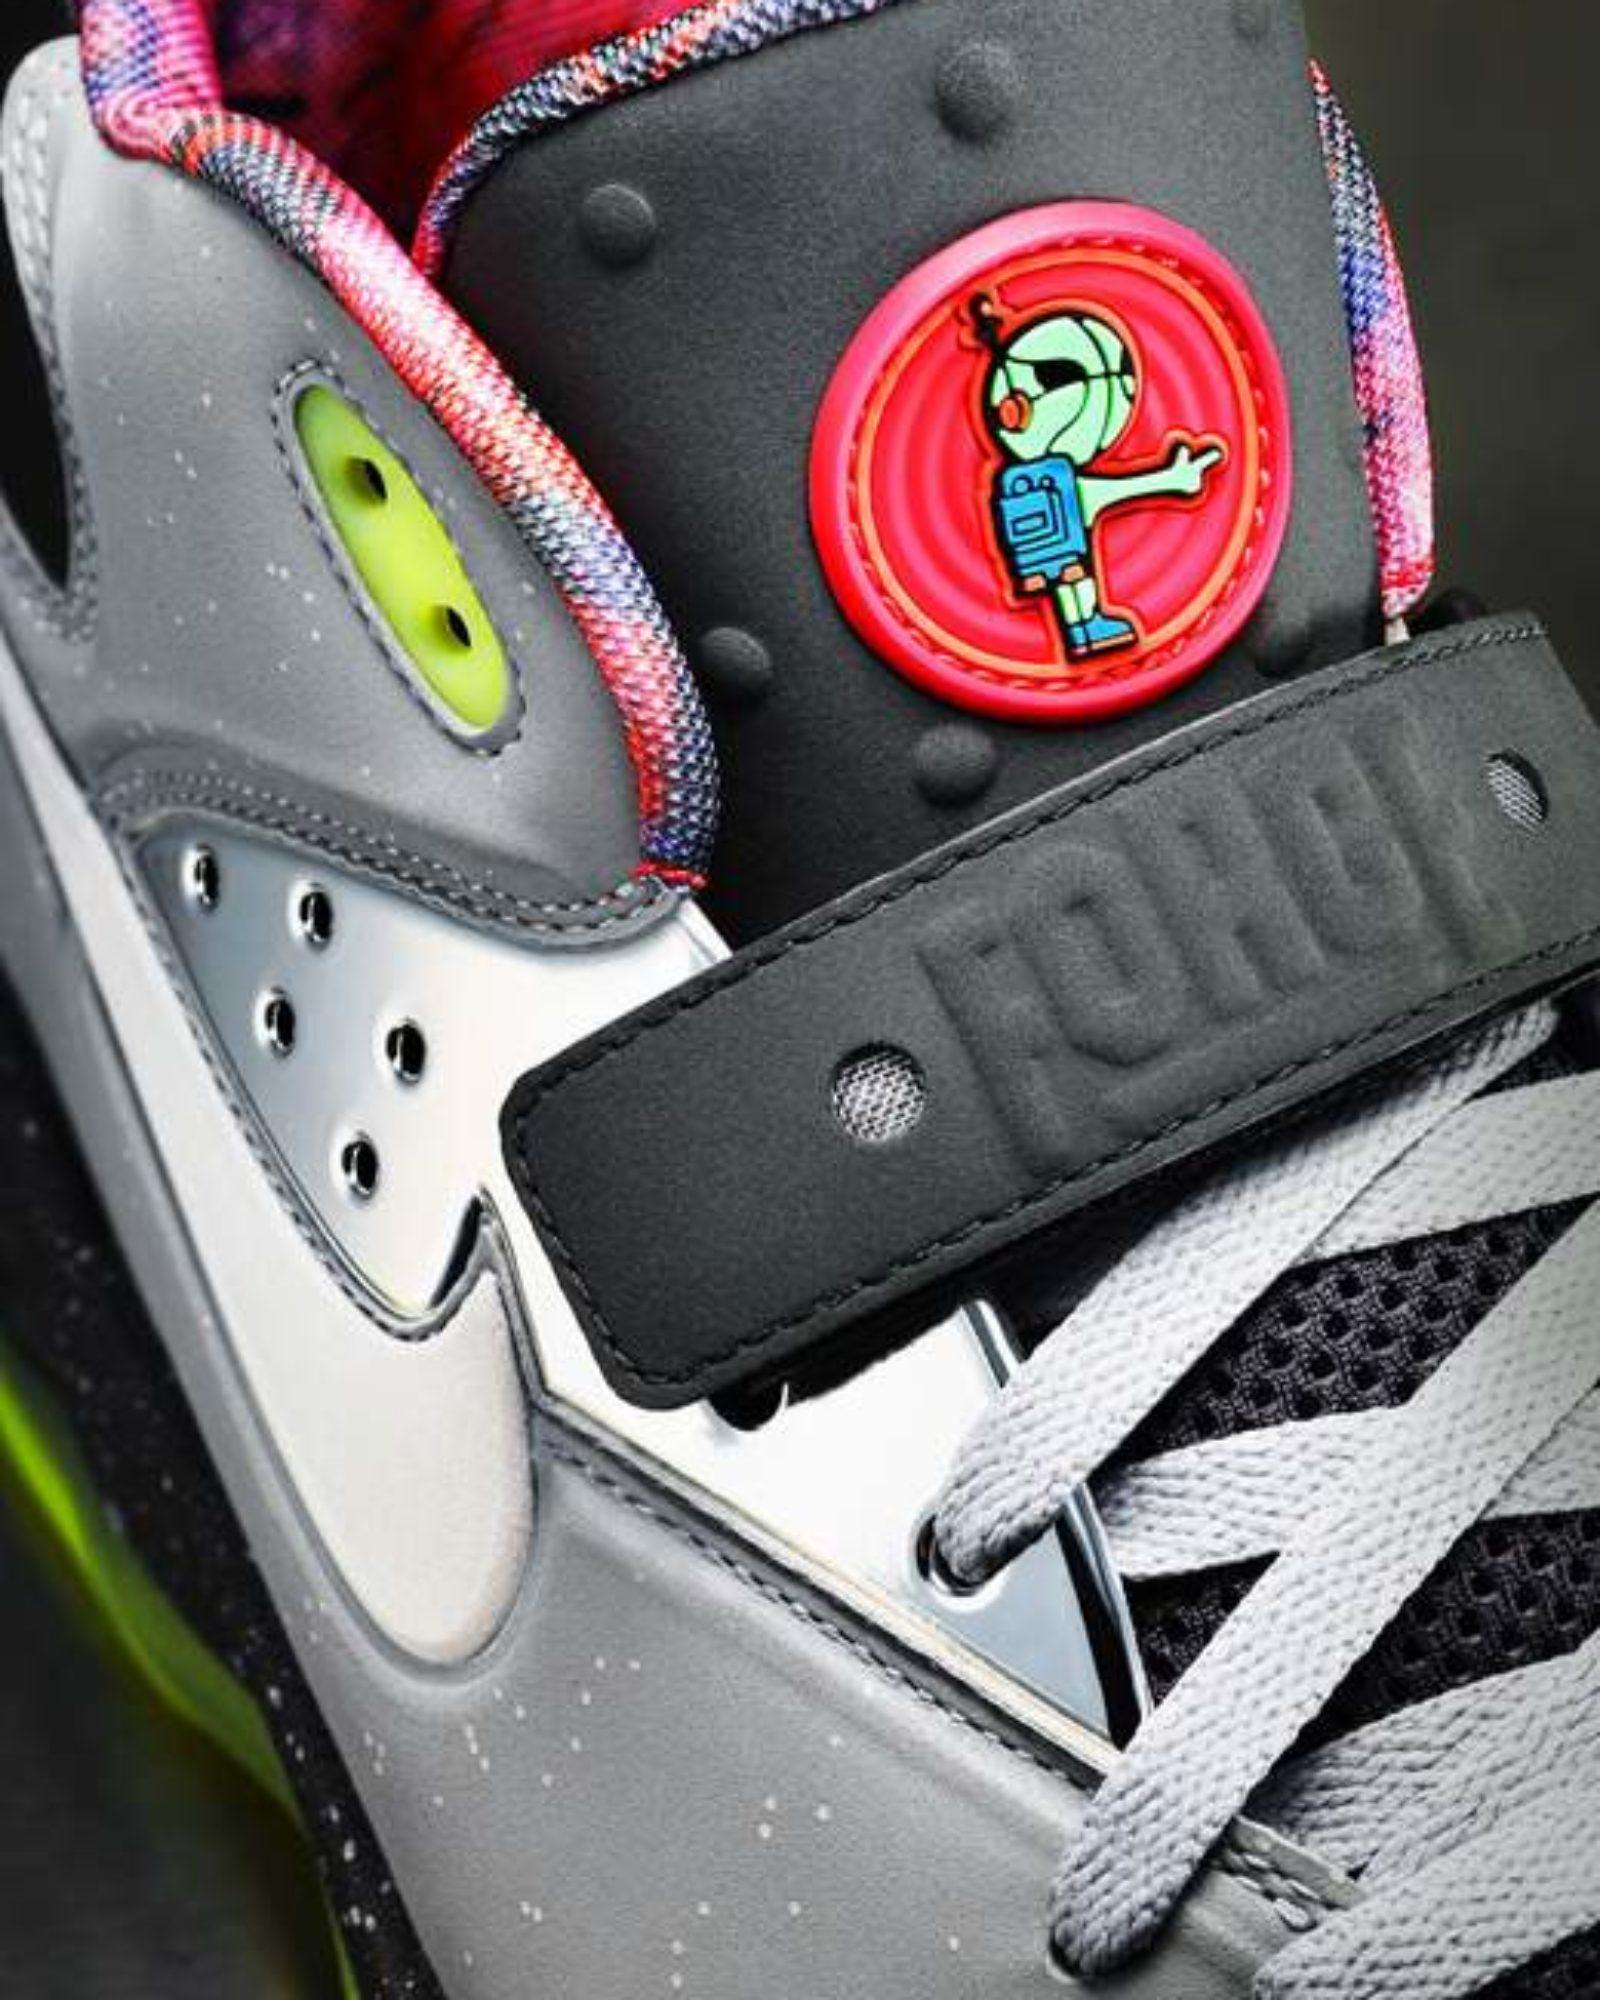 13-100_Nike_AllStar_NSW_Air_Force_8M_detail